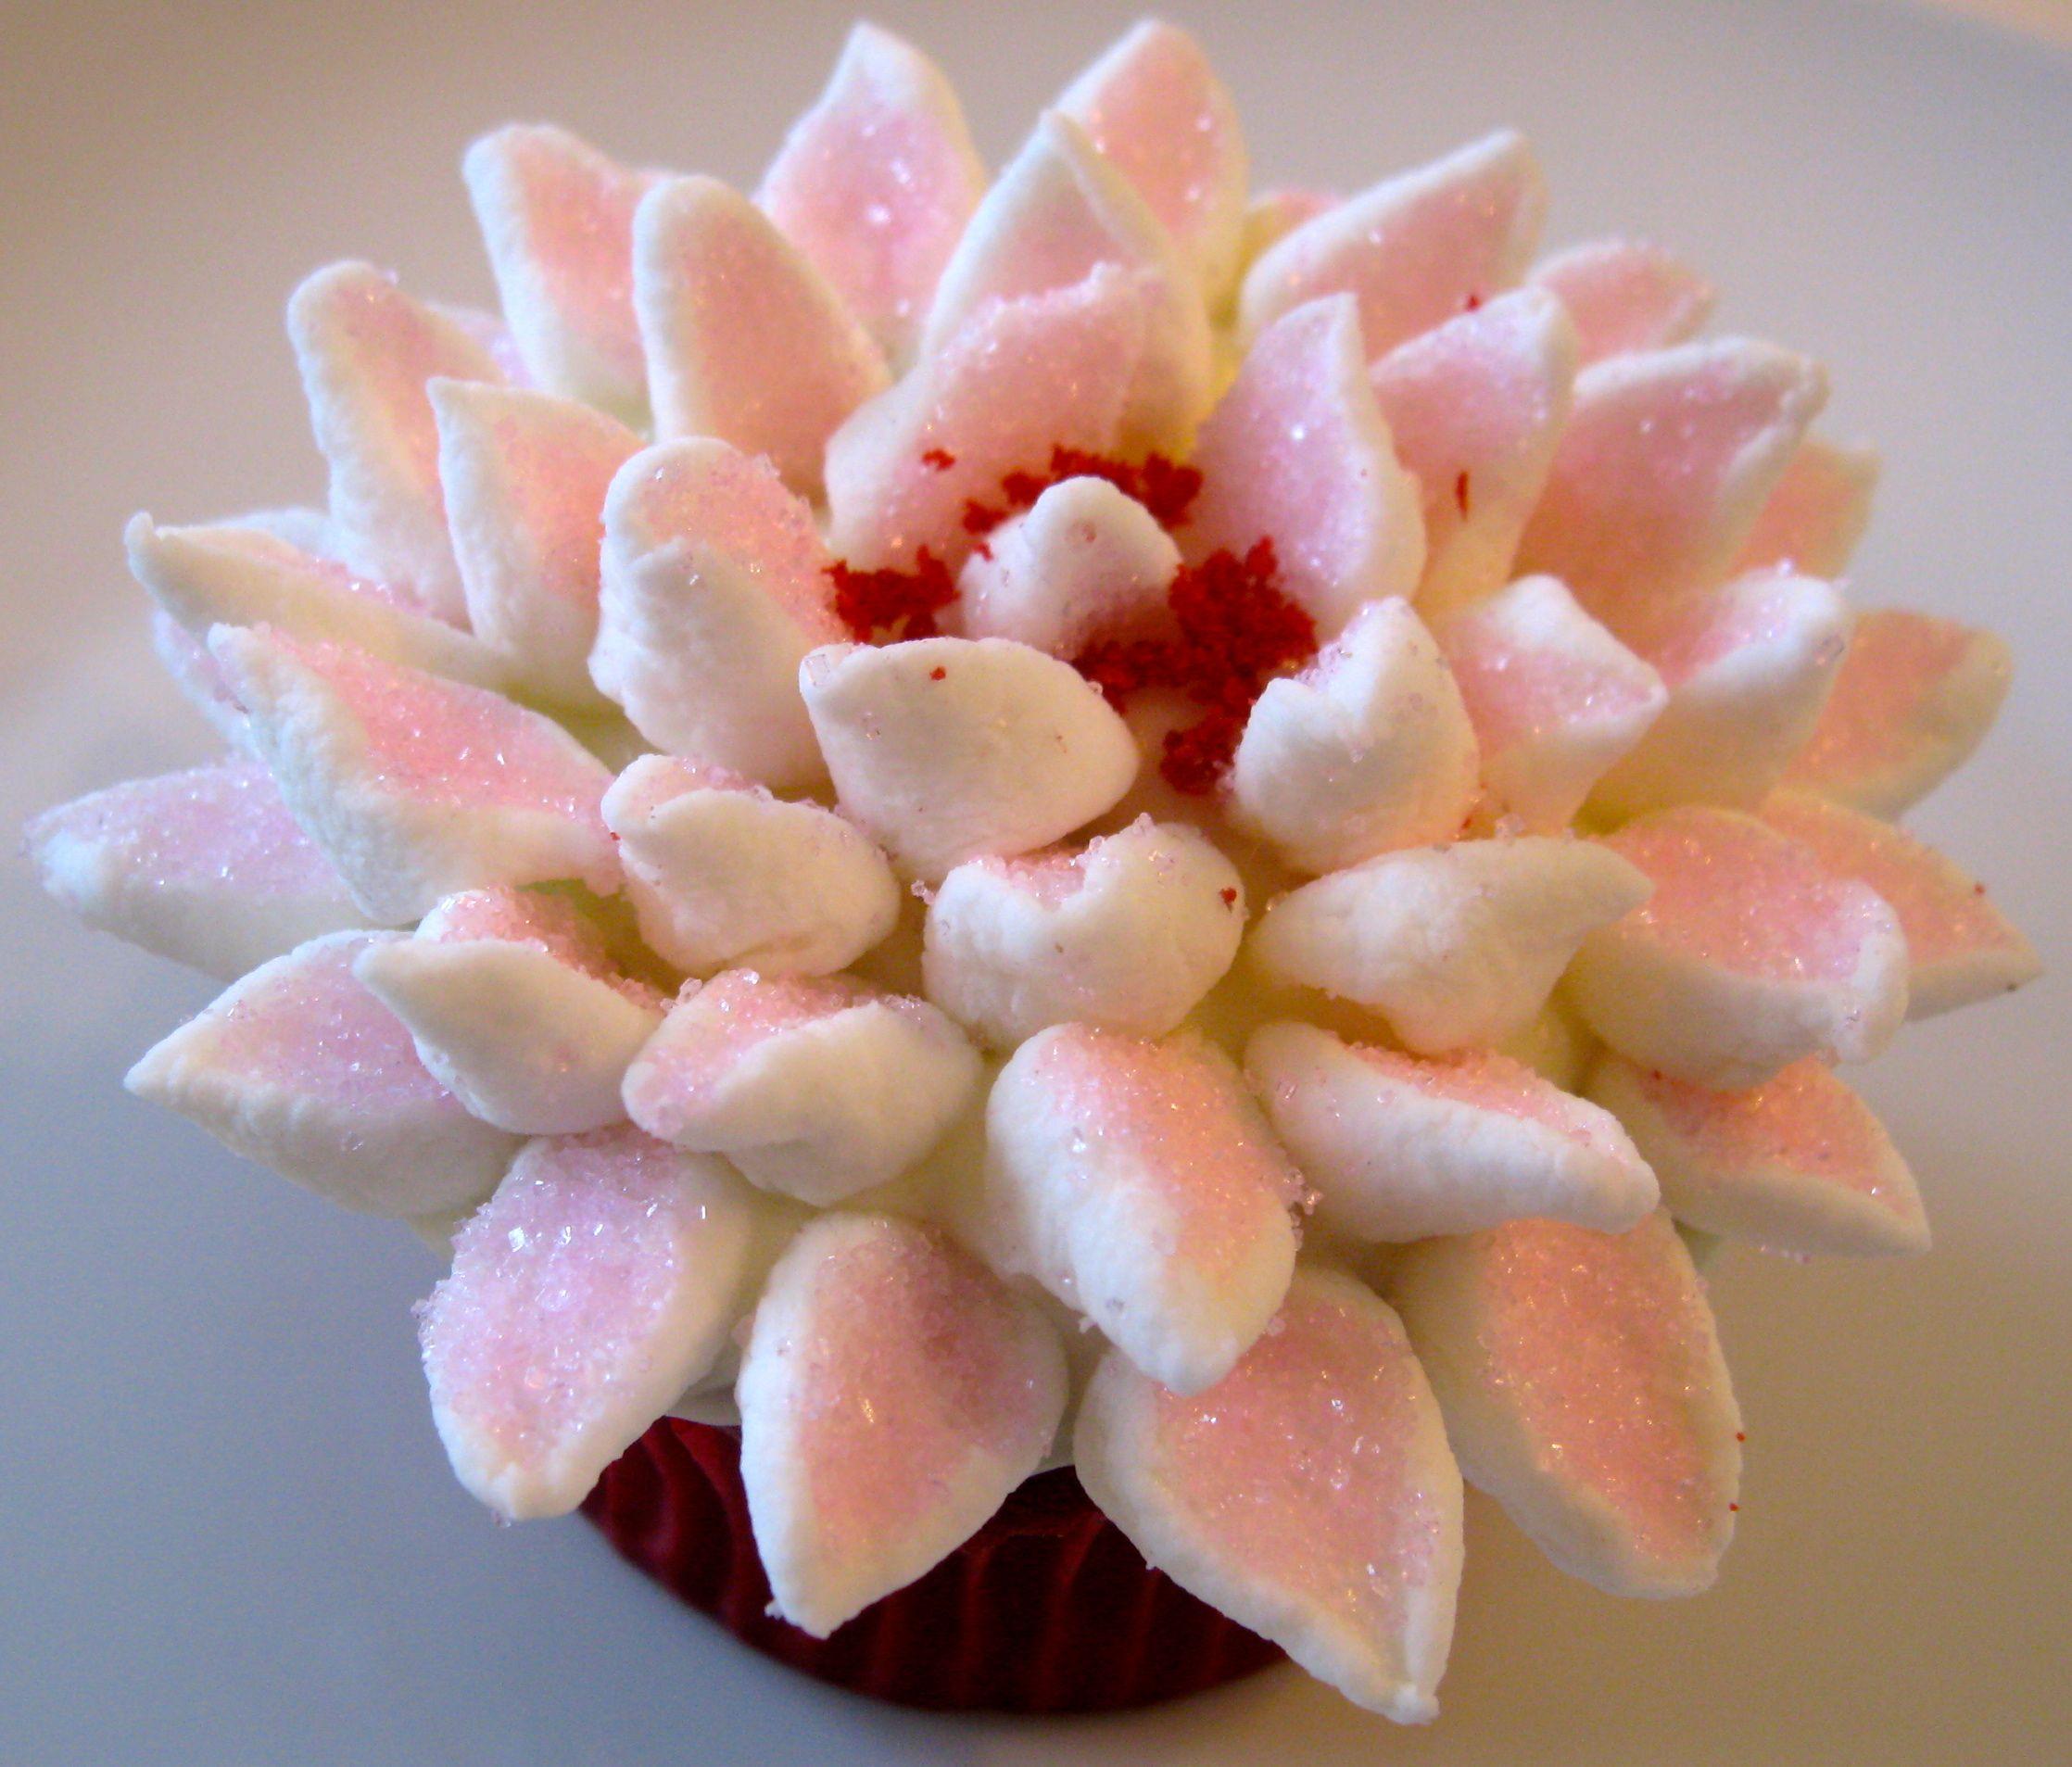 Red Velvet Birthday Cupcakes for Jamie